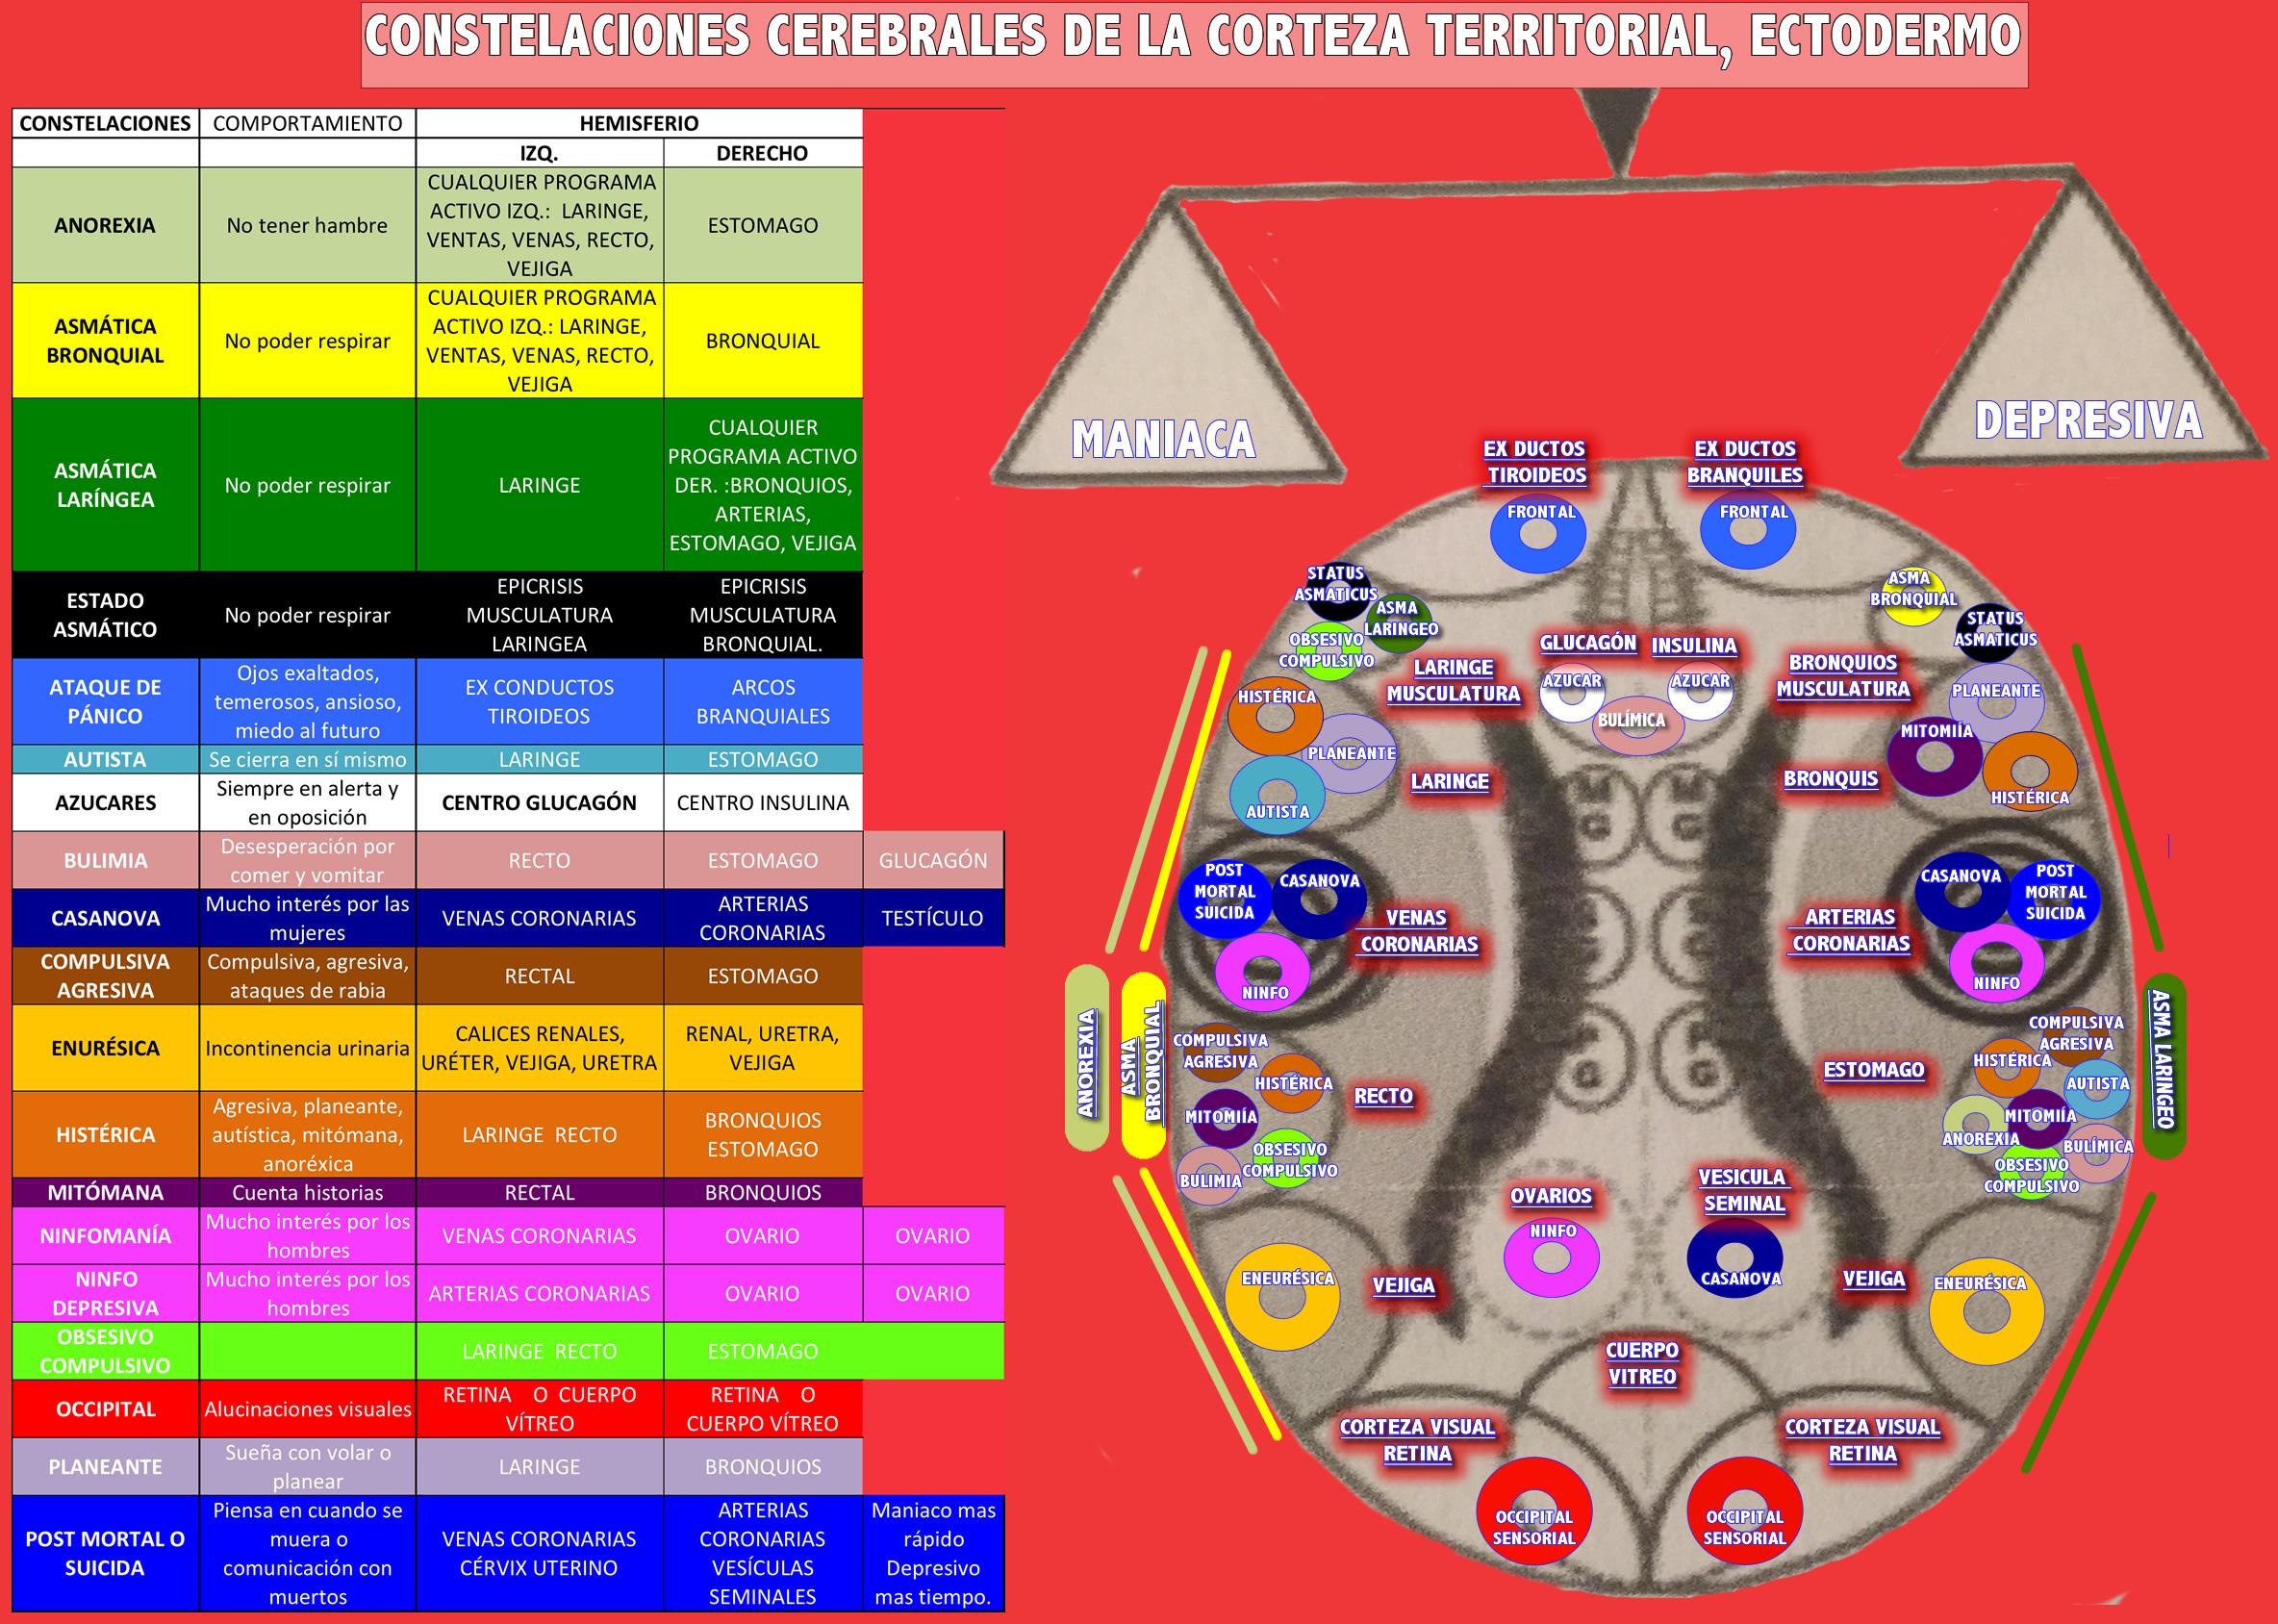 CONSTELACIONES CORTEZA TERRITORIAL, ECTODERMO